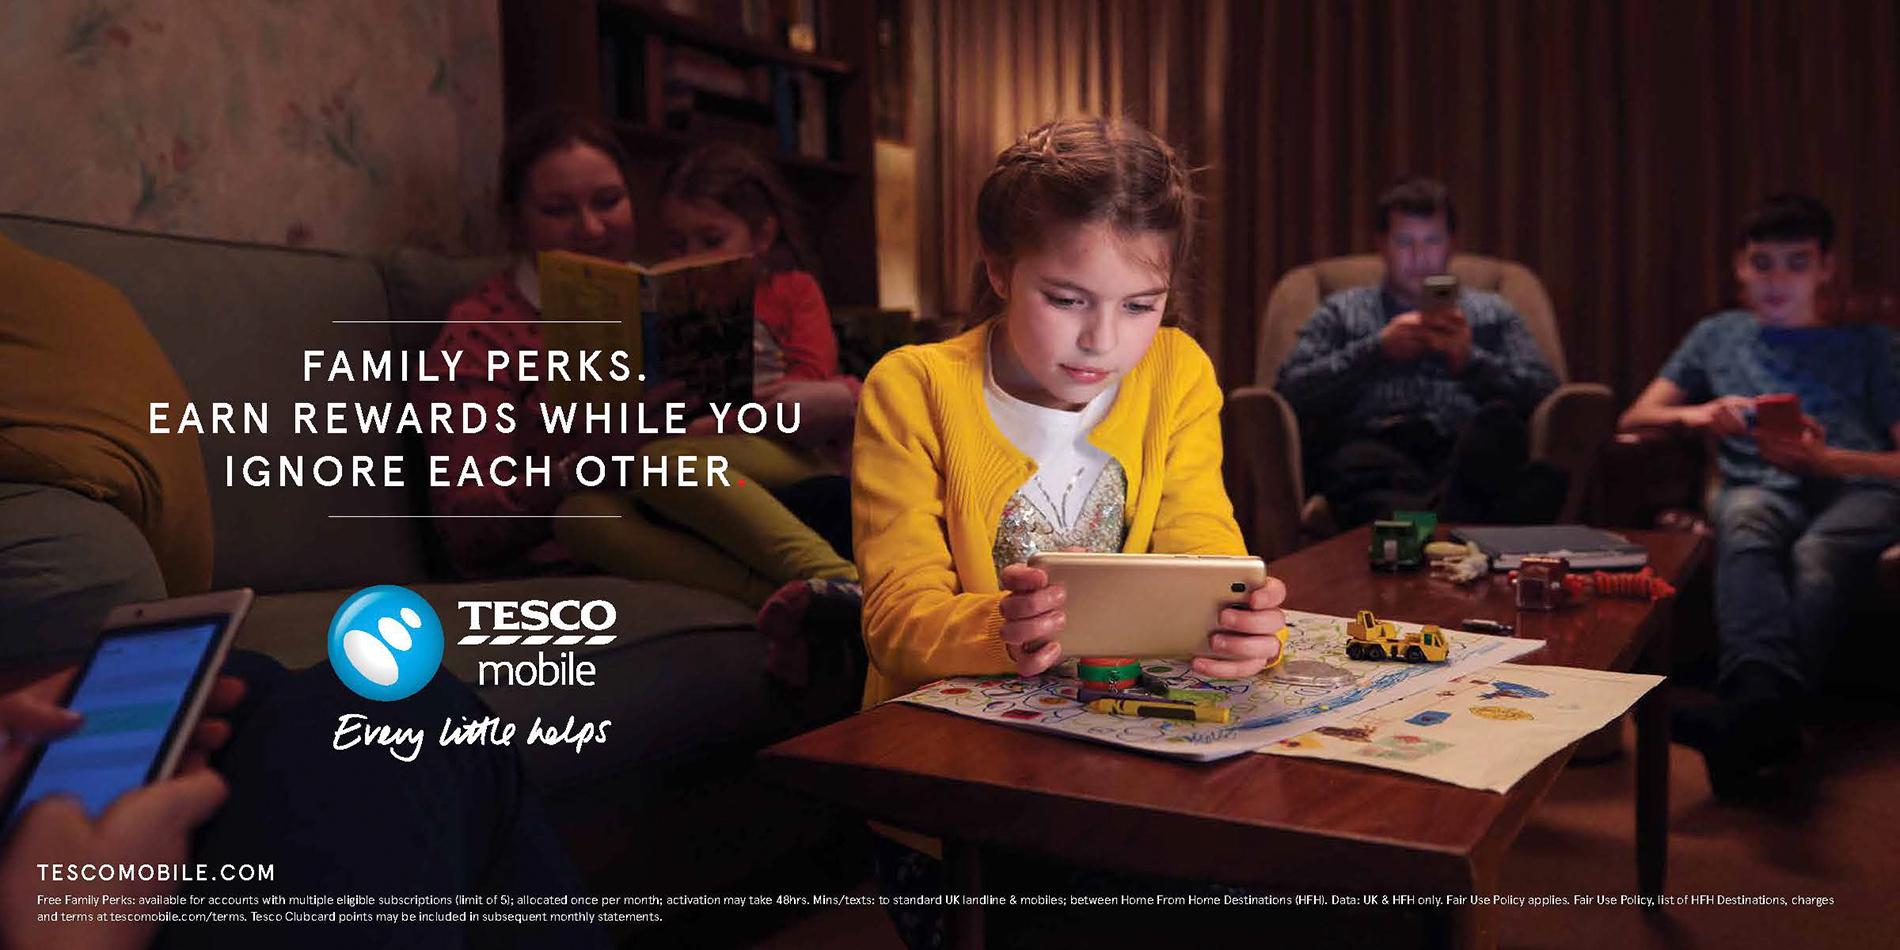 Tesco mobile photography